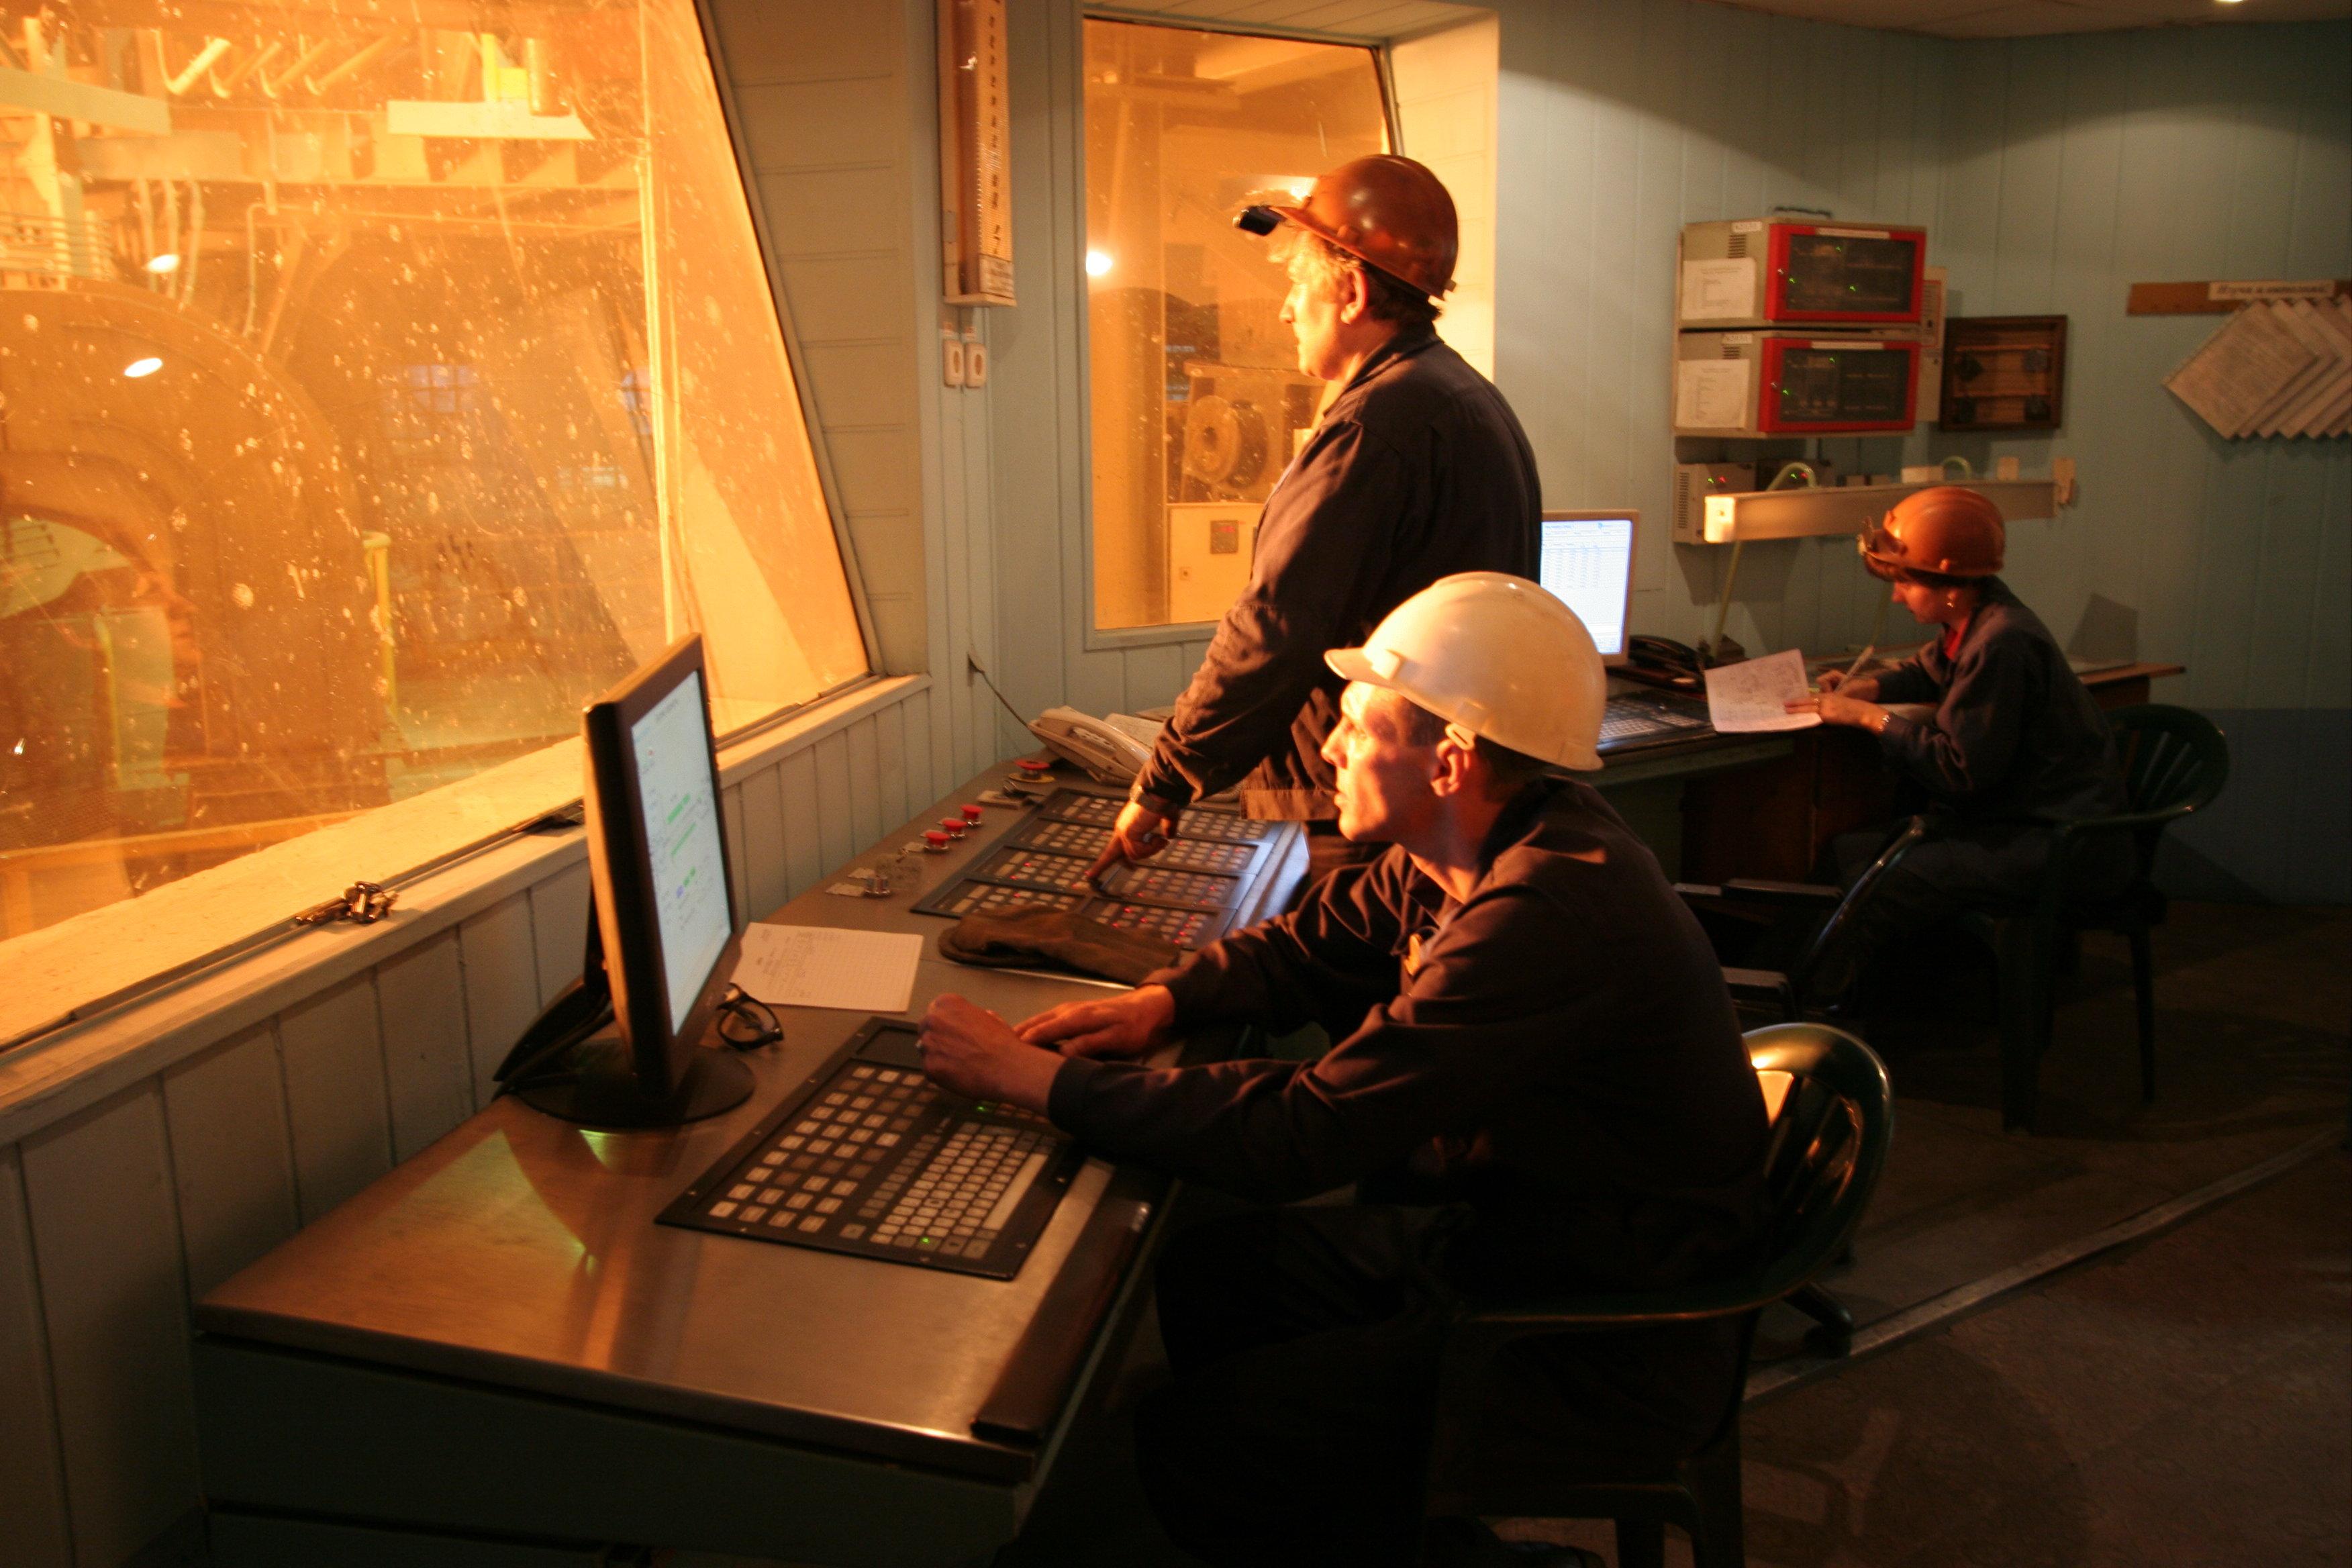 ТМК совершенствует методы защиты от инцидентов в области информационной безопасности